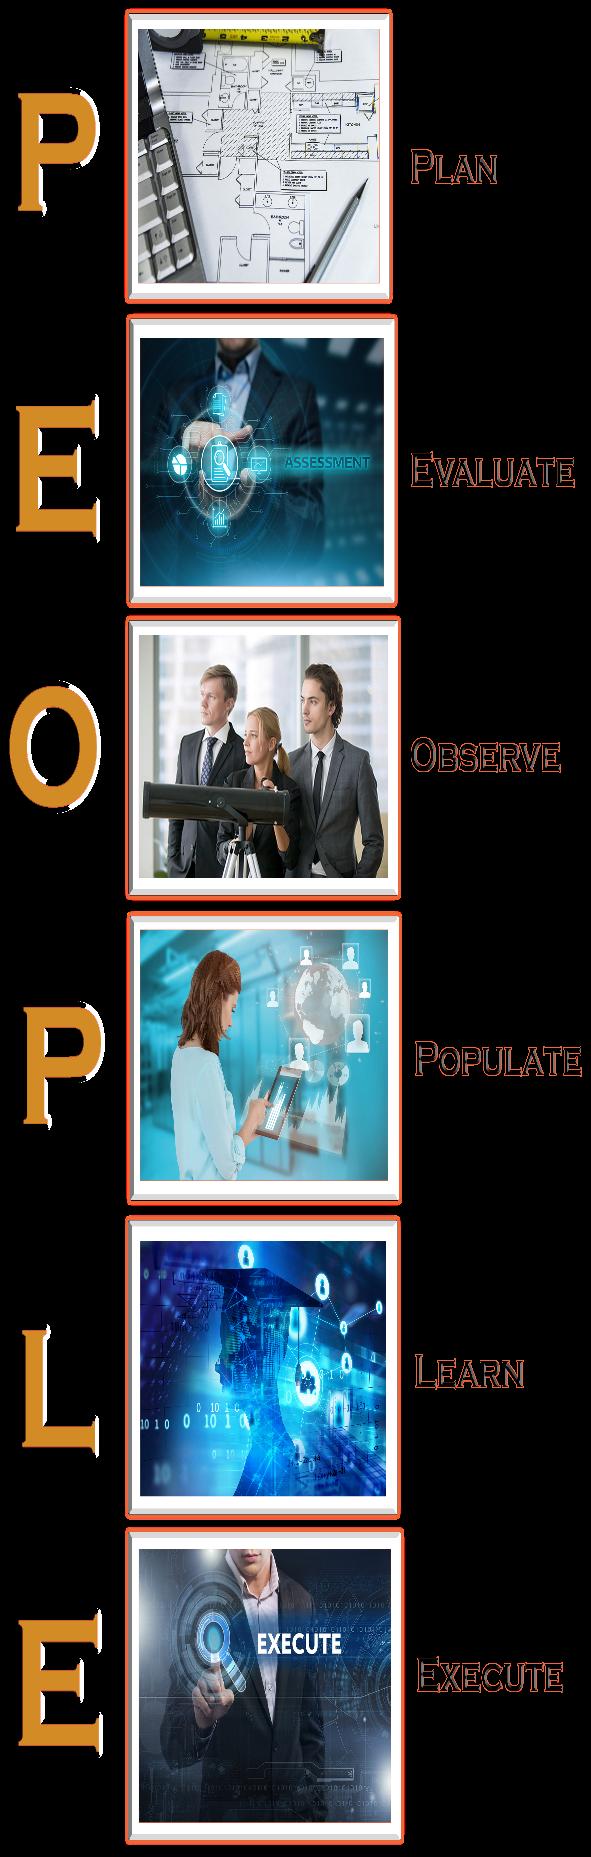 P.E.O.P.L.E Agile space and people management